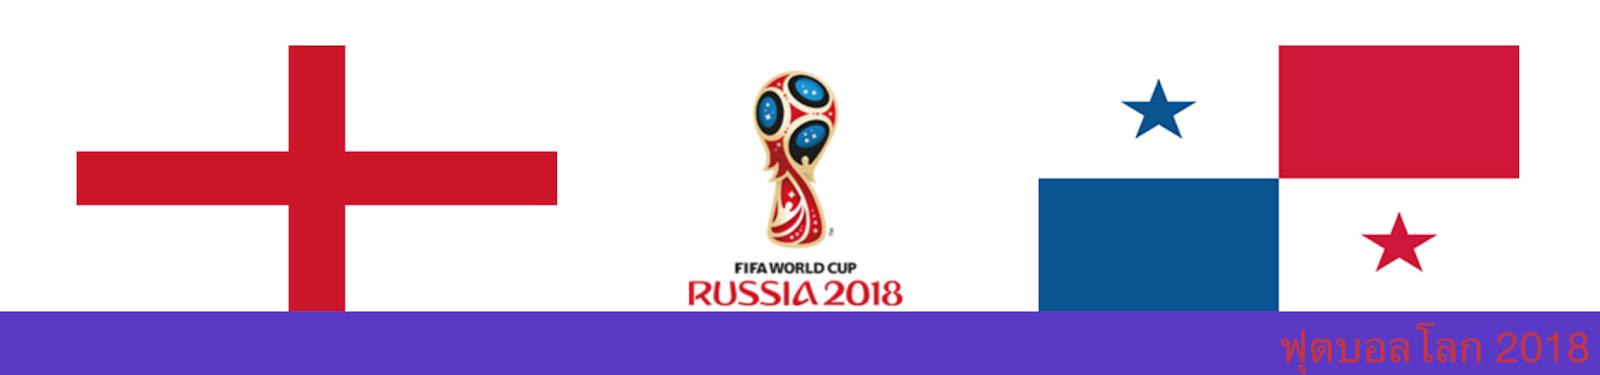 แทงบอล วิเคราะห์บอล ฟุตบอลโลก 2018 ระหว่าง อังกฤษ vs ปานามา